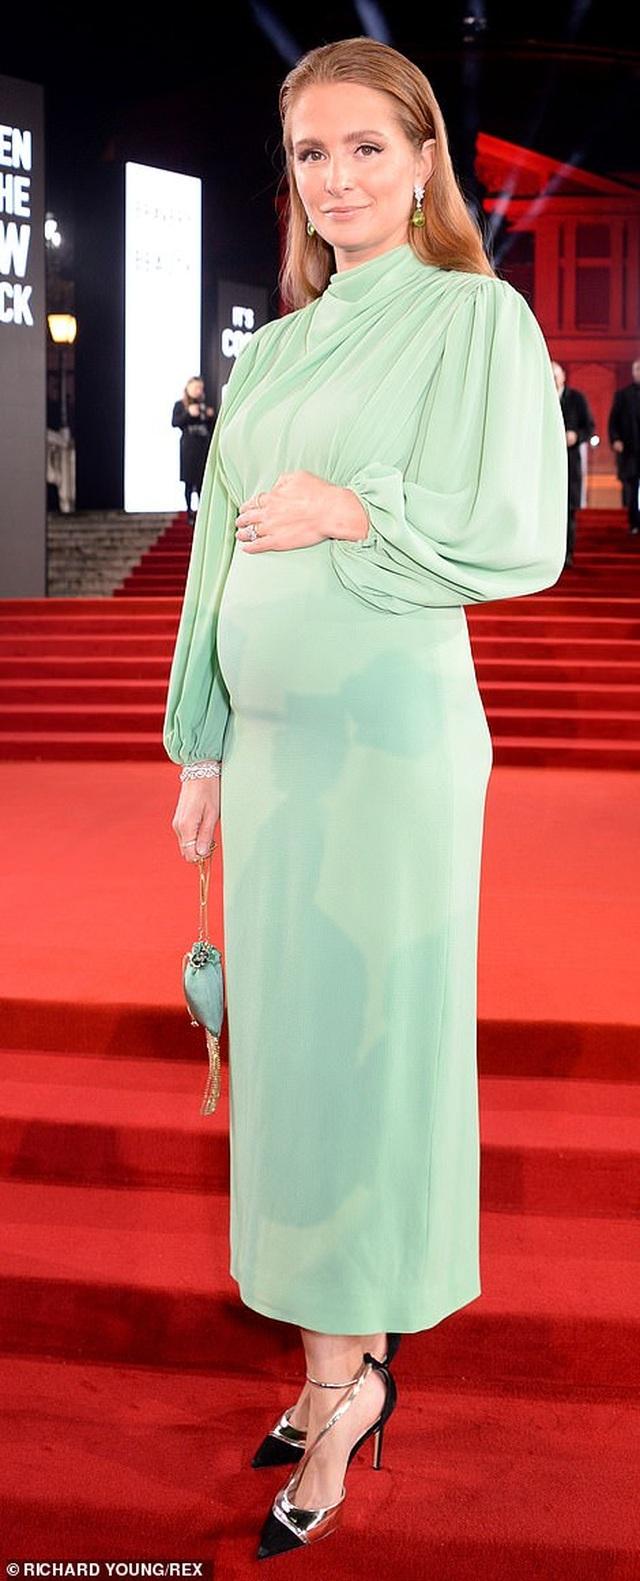 Siêu mẫu bạch biến khoe ngực căng đầy tại lễ trao giải thời trang Anh quốc - 13